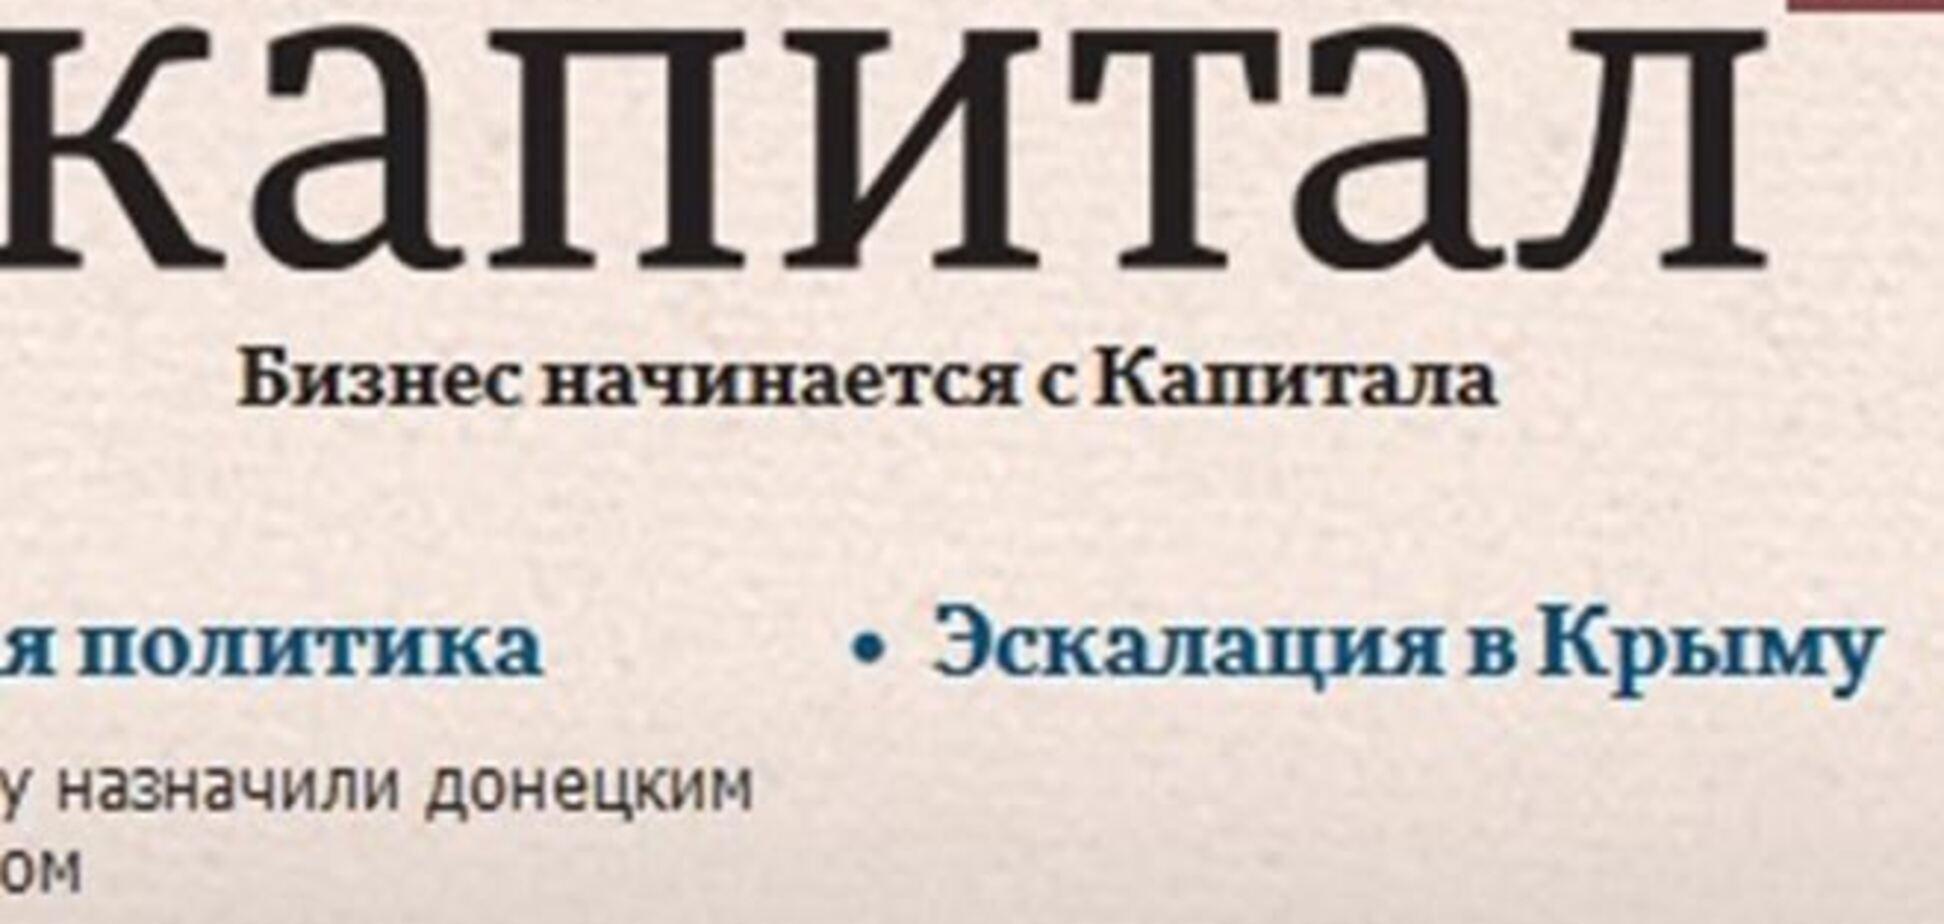 Газета 'Капитал' закрывает печатную версию